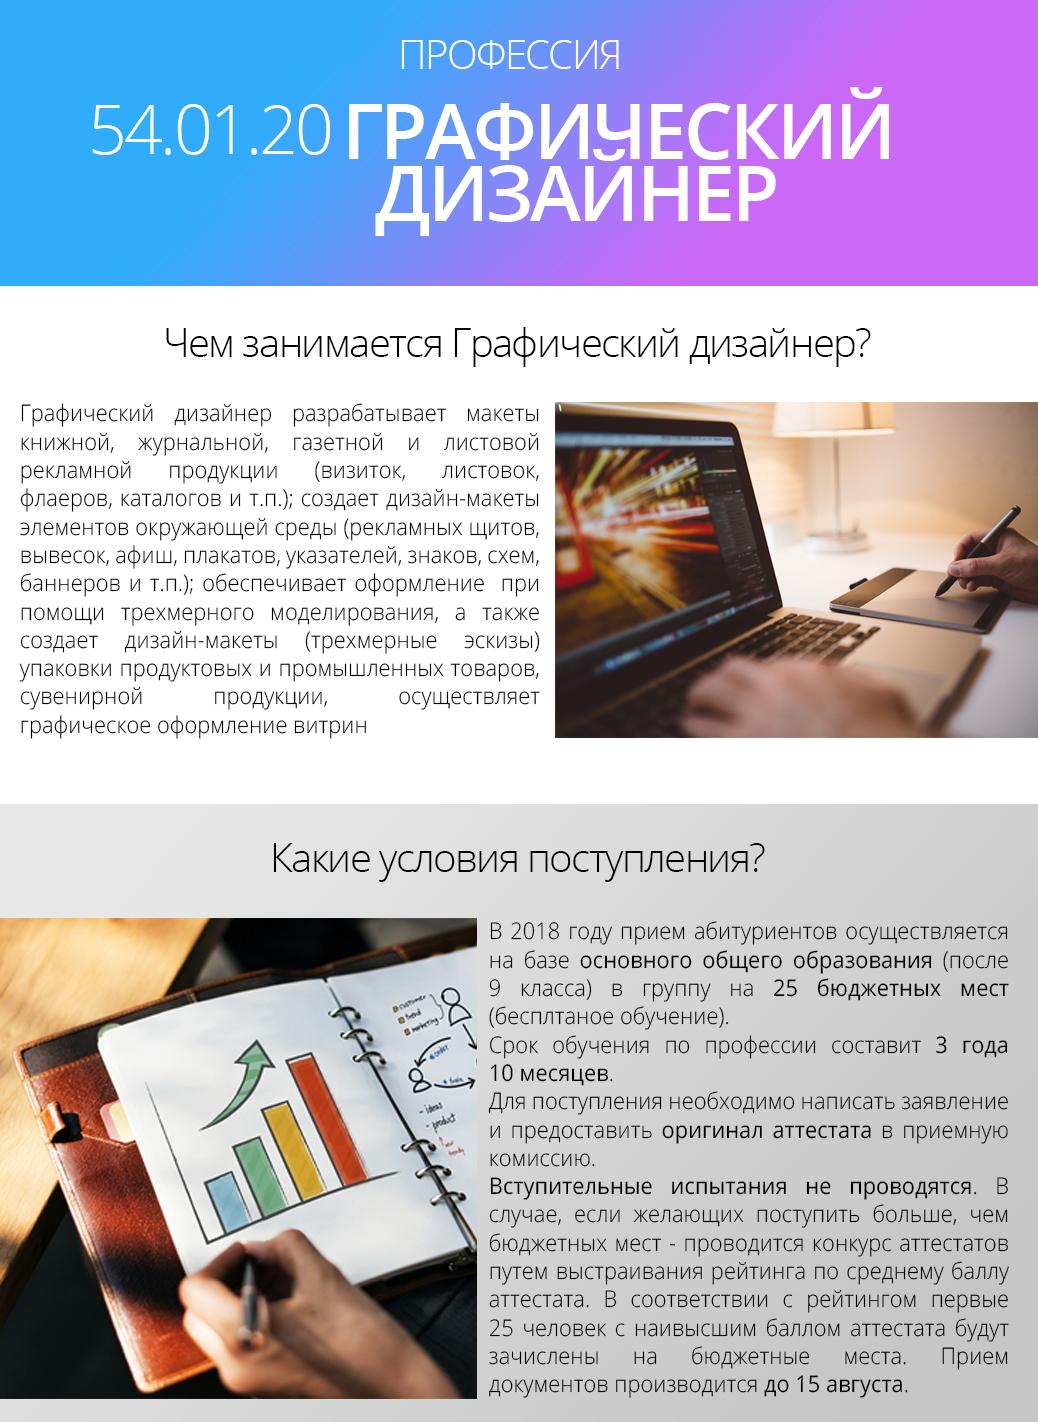 Многоликий графический дизайн: что делают графические дизайнеры? - cloudmakers